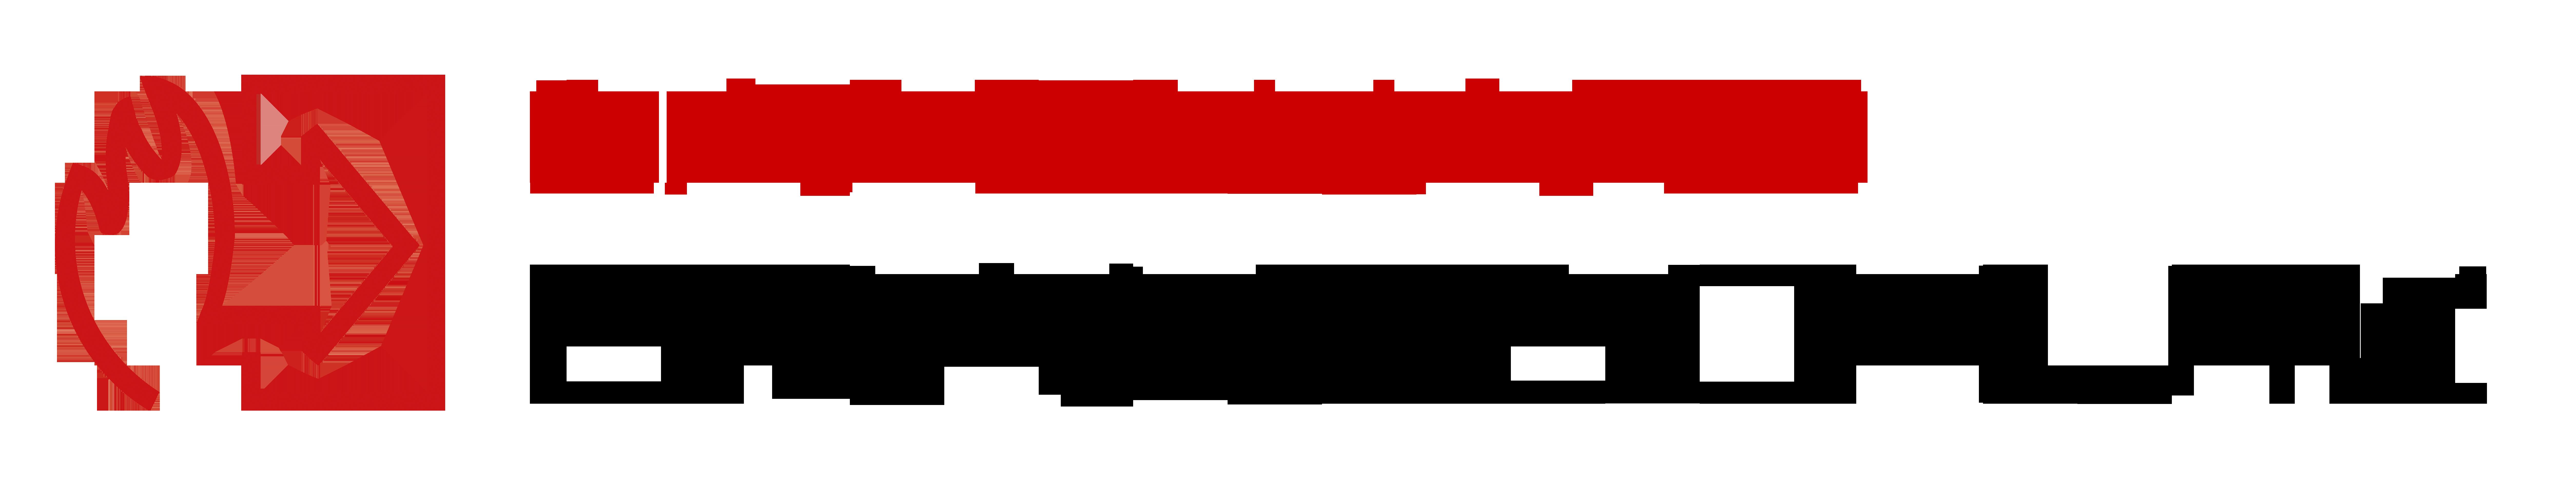 Safeguard Brandschutz